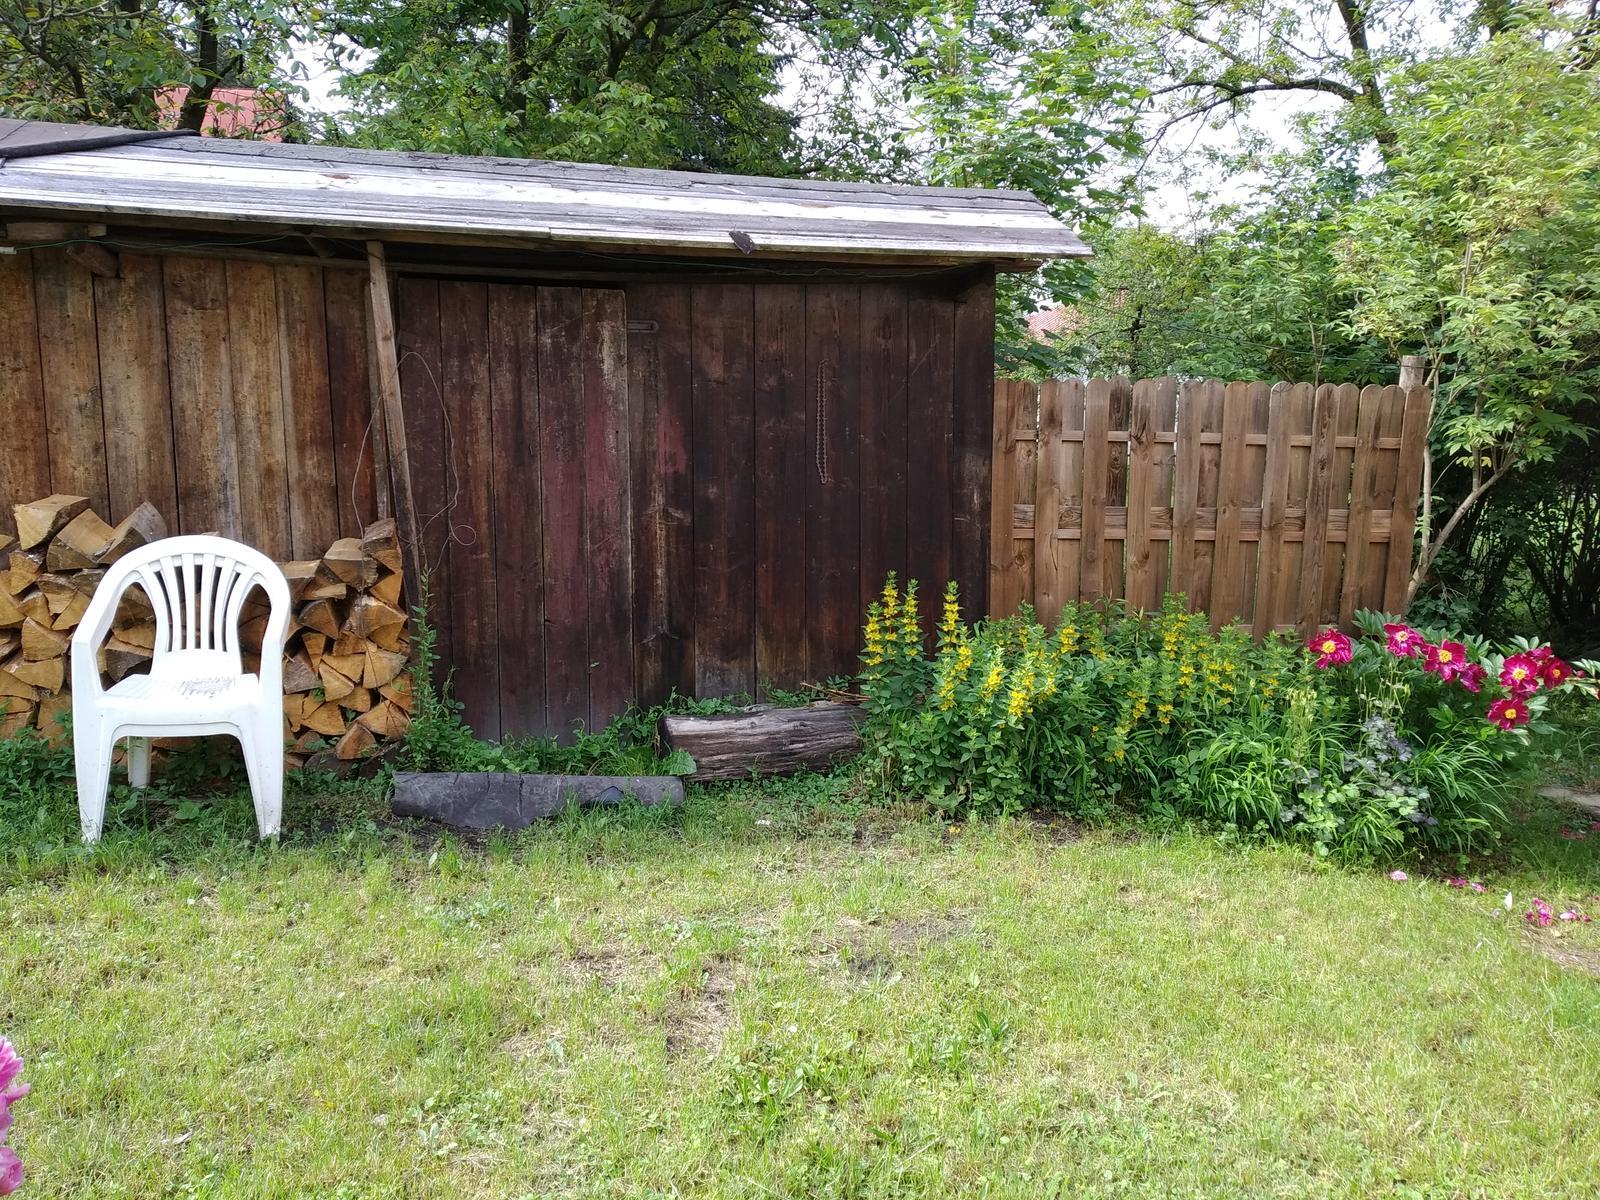 Babkina záhrada - Šopka by potrebovala náter